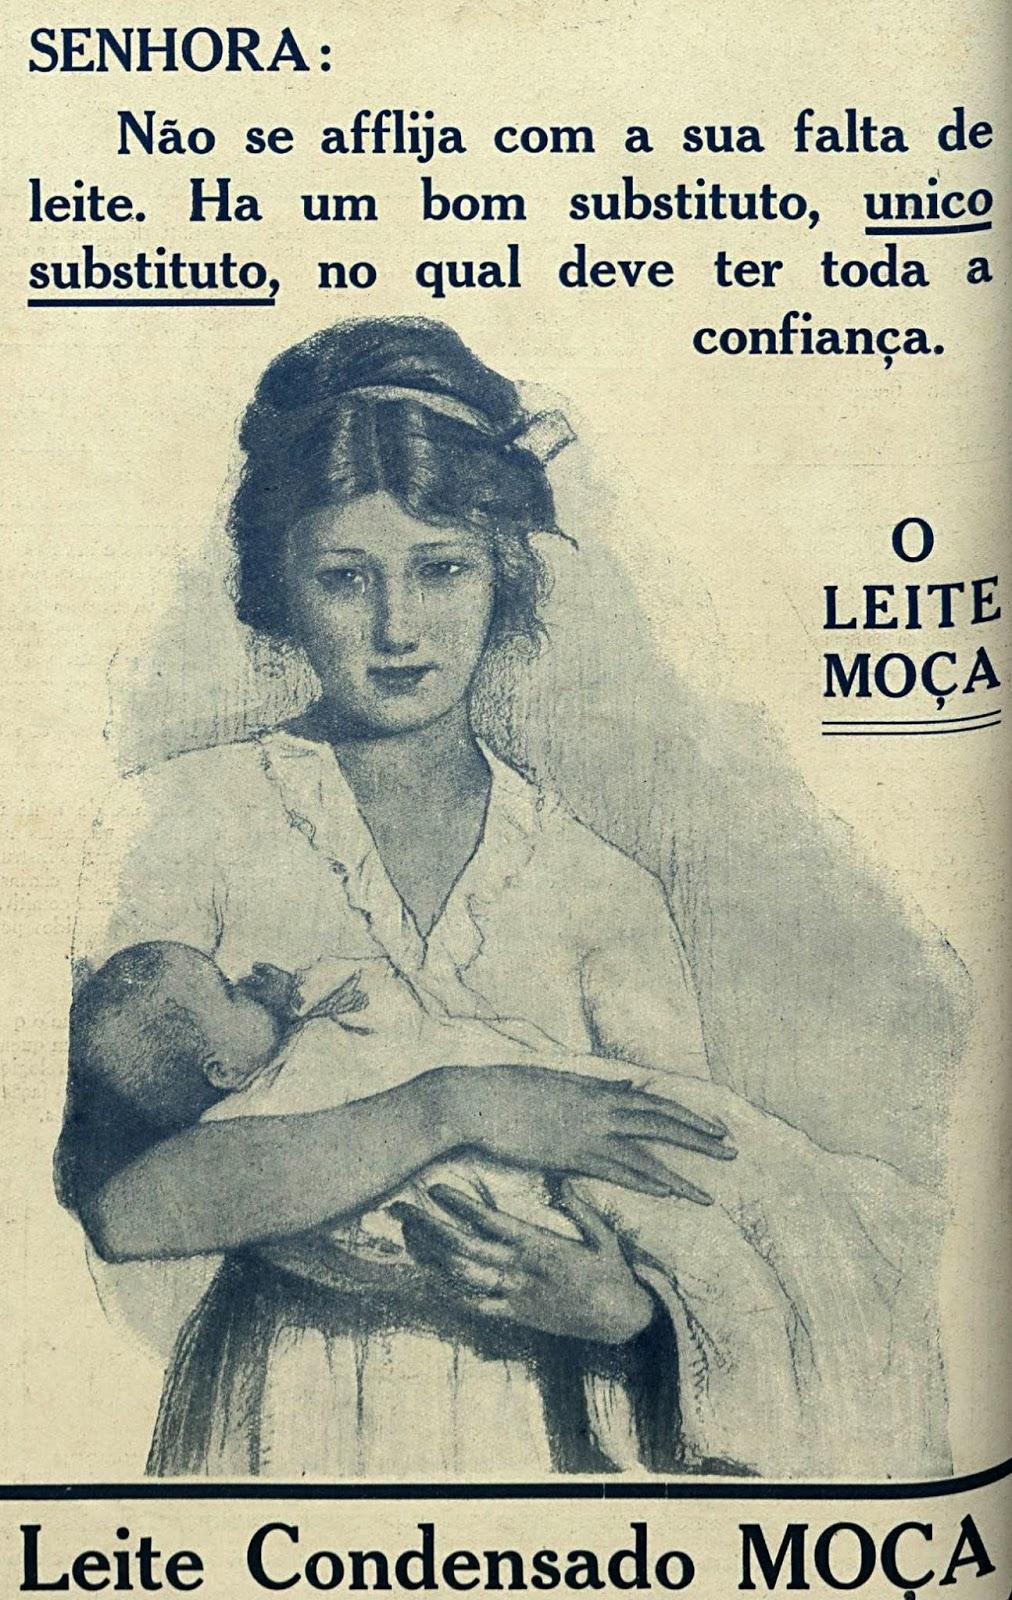 Propaganda antiga do Leite Moça apresentando como substituto ao leite materno, em 1917